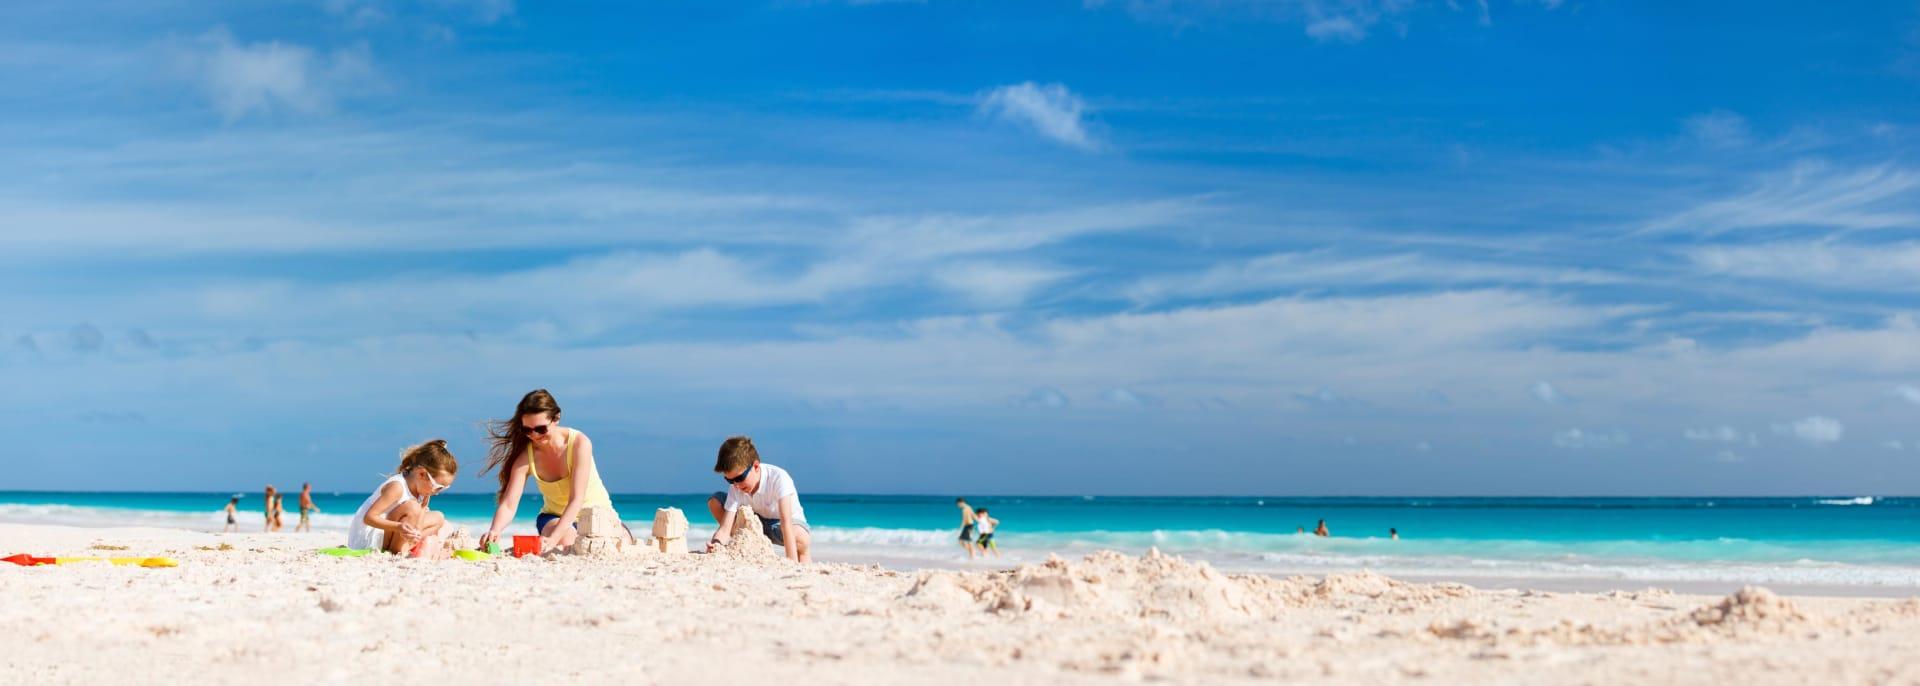 Mutter und Kinder, die Sandburg am tropischen Strand machen